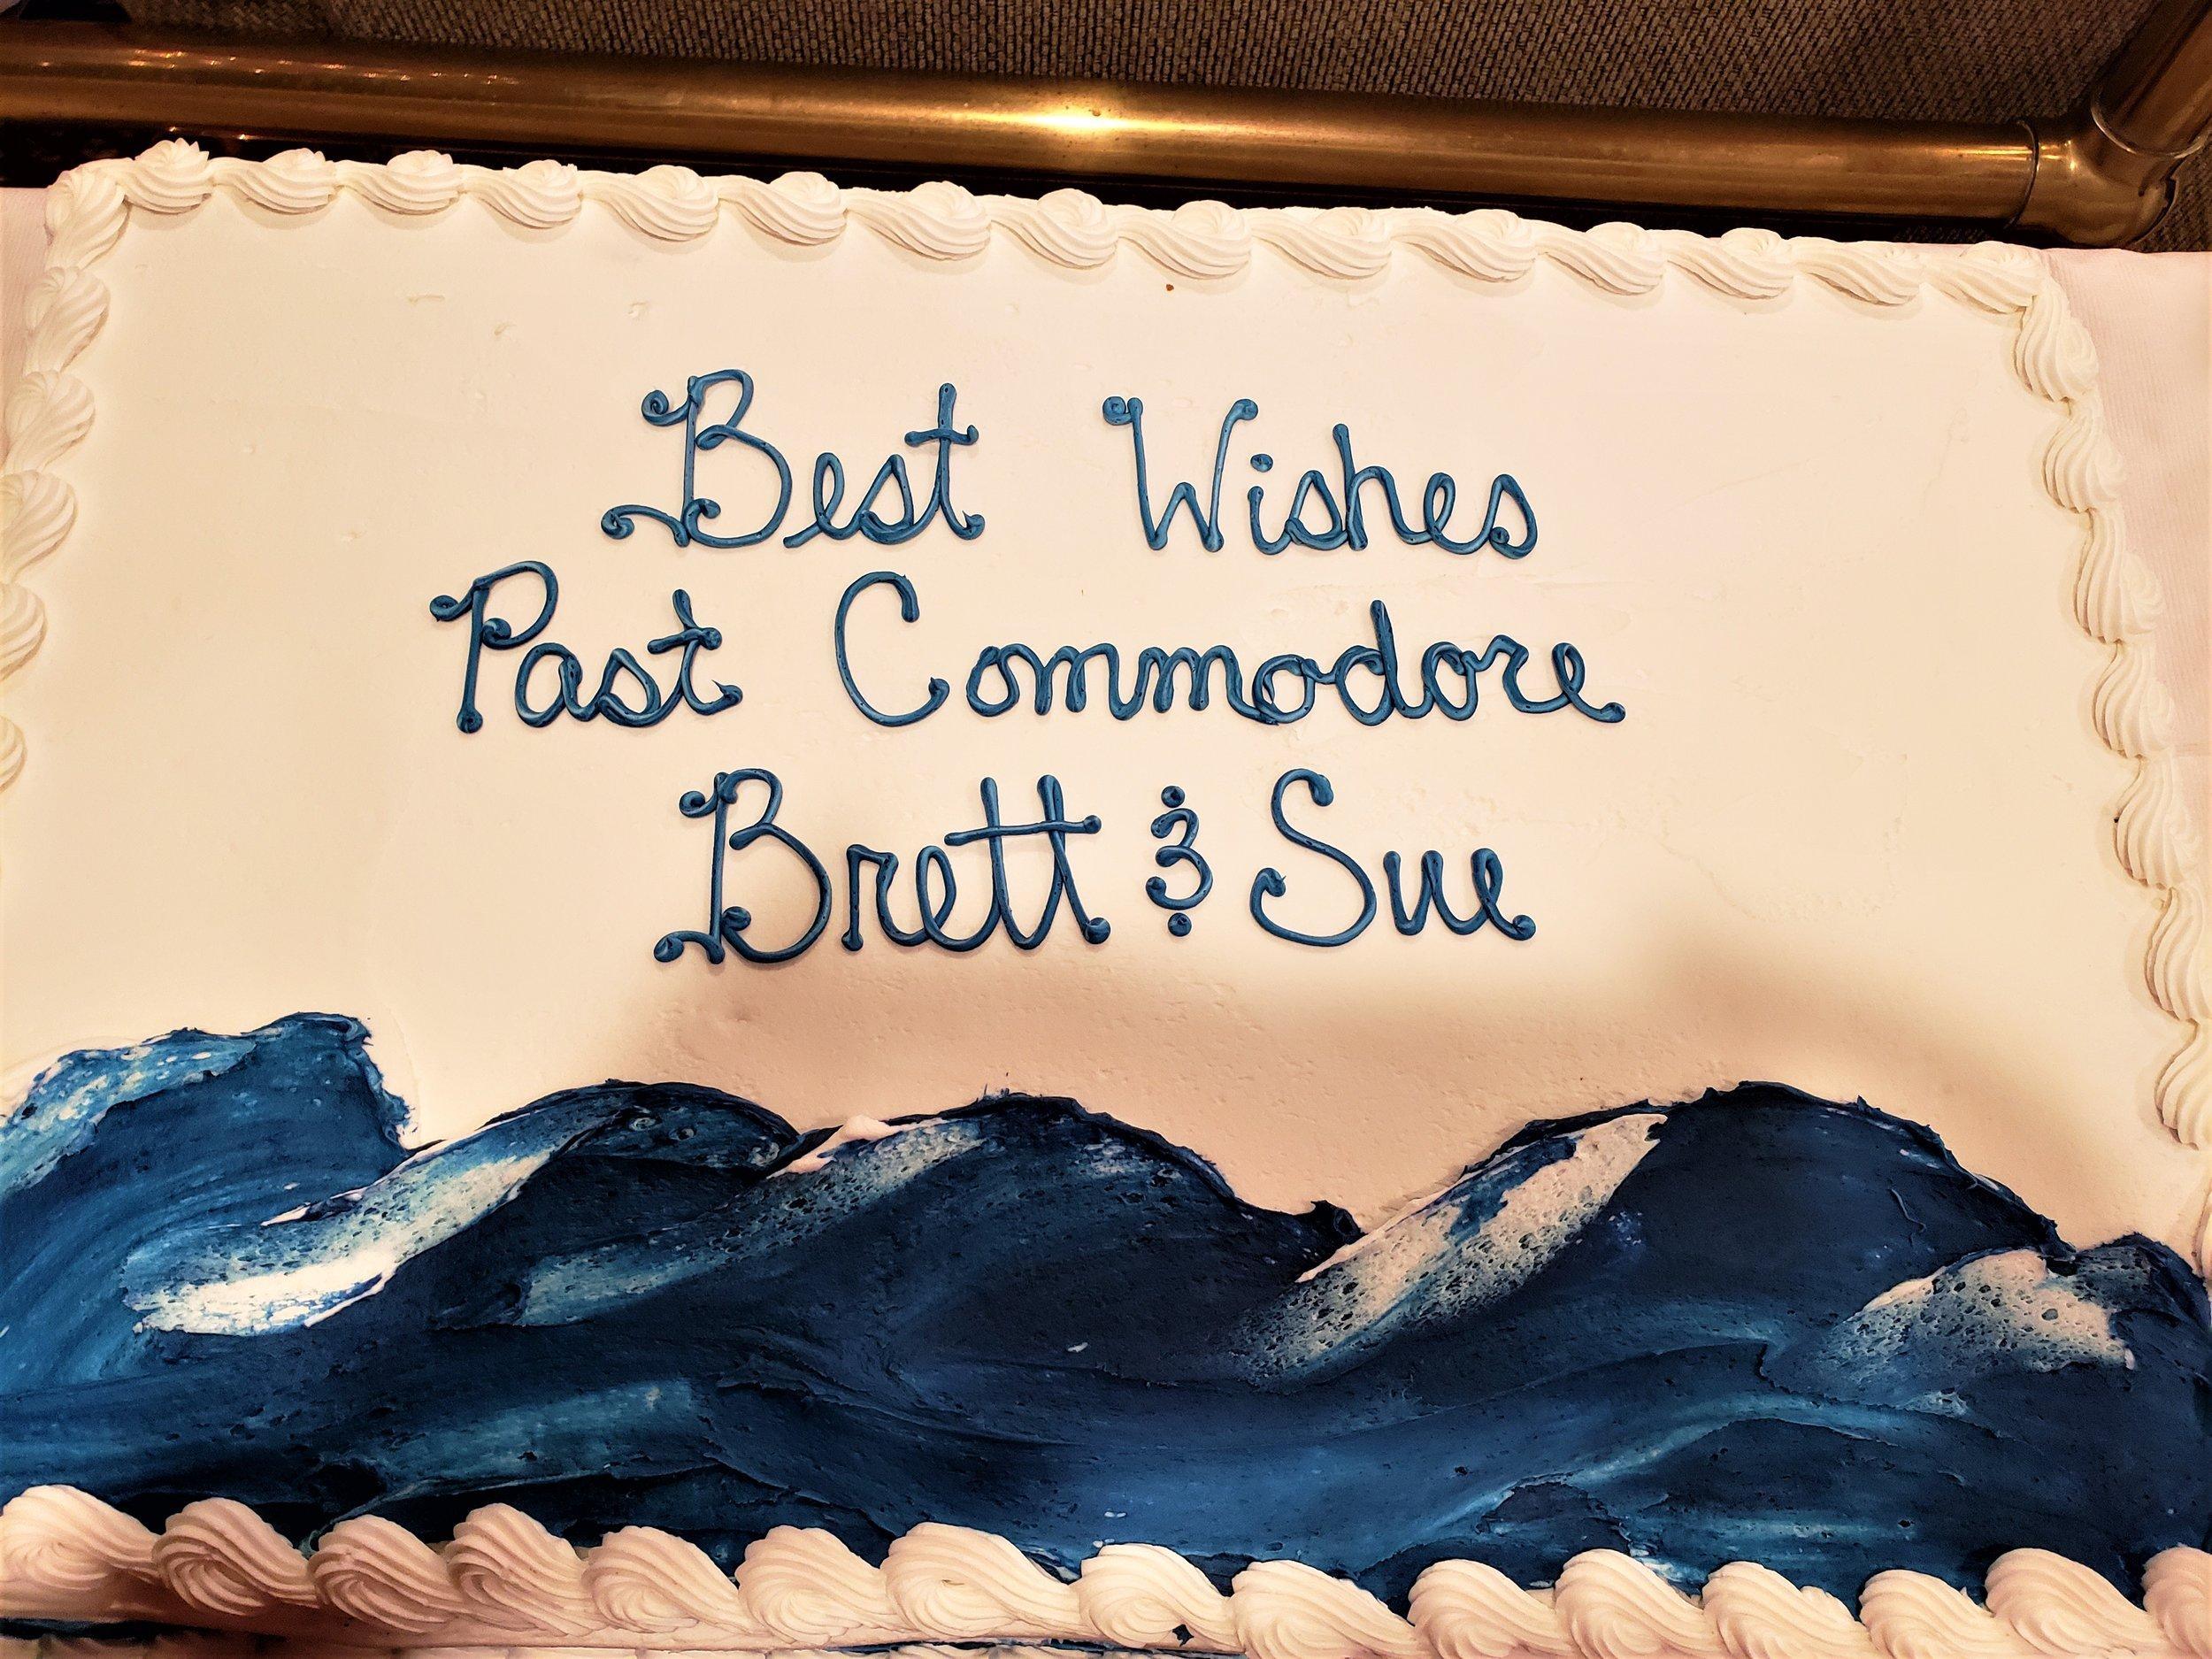 Cake for Brett and Sue.jpg